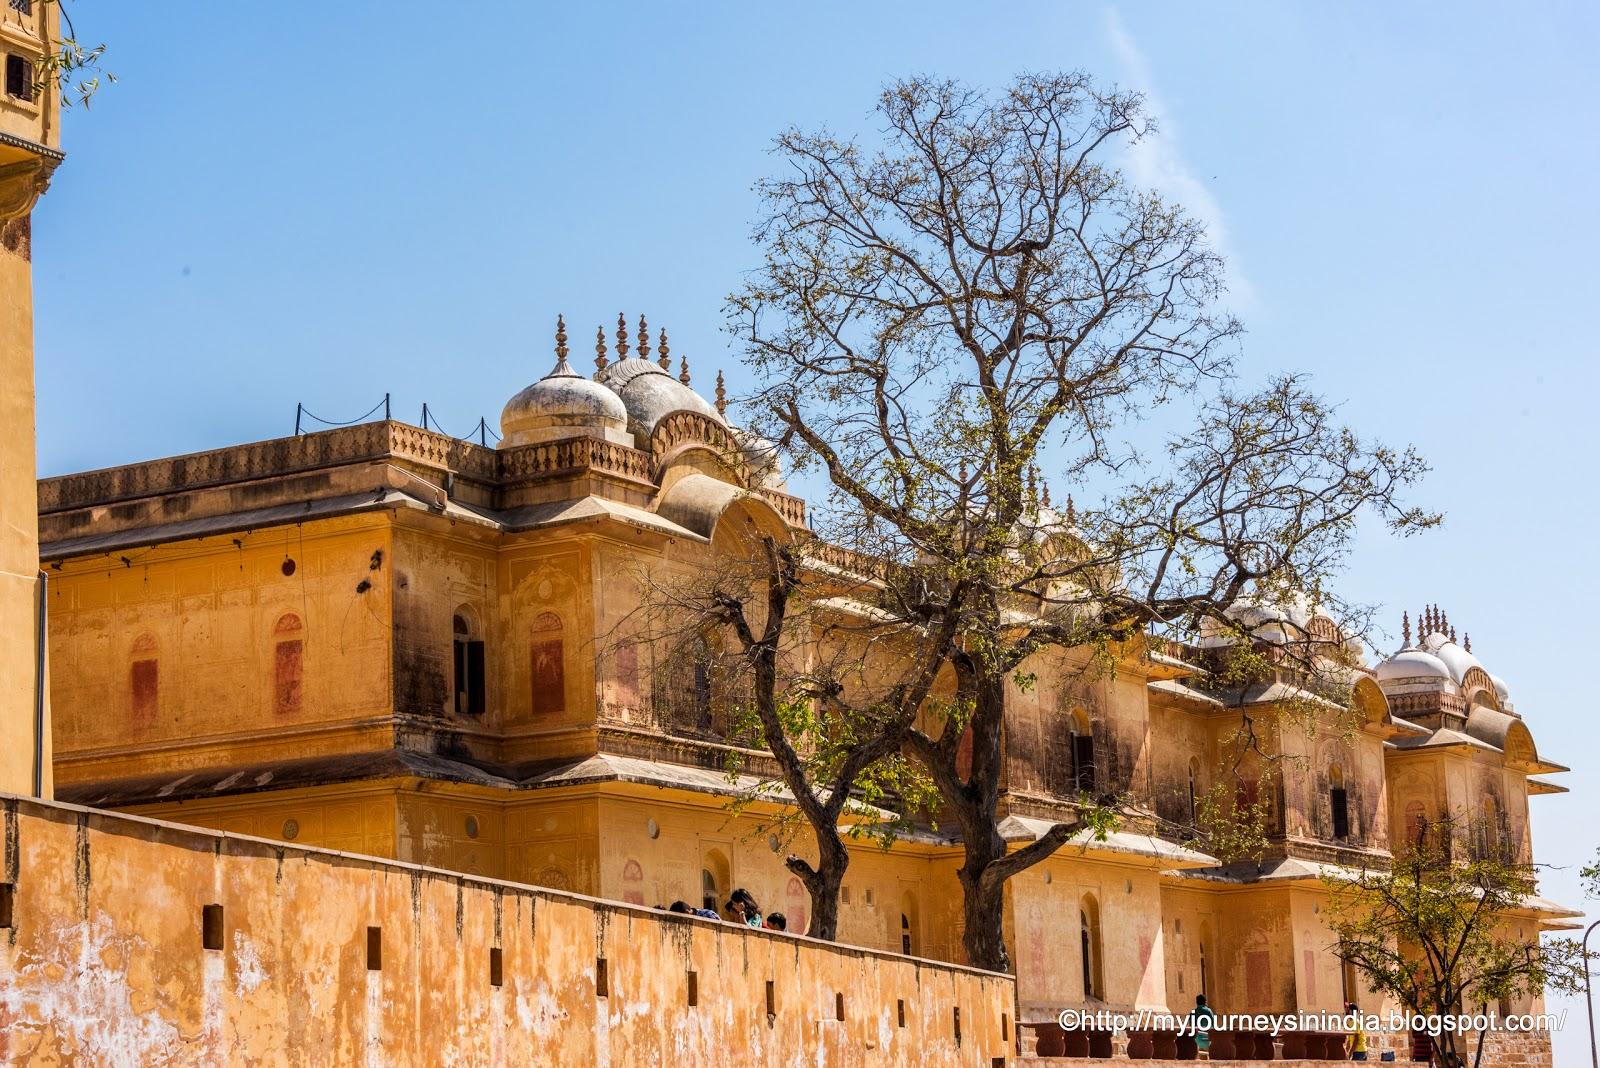 Madhavendra Palace Jaipur